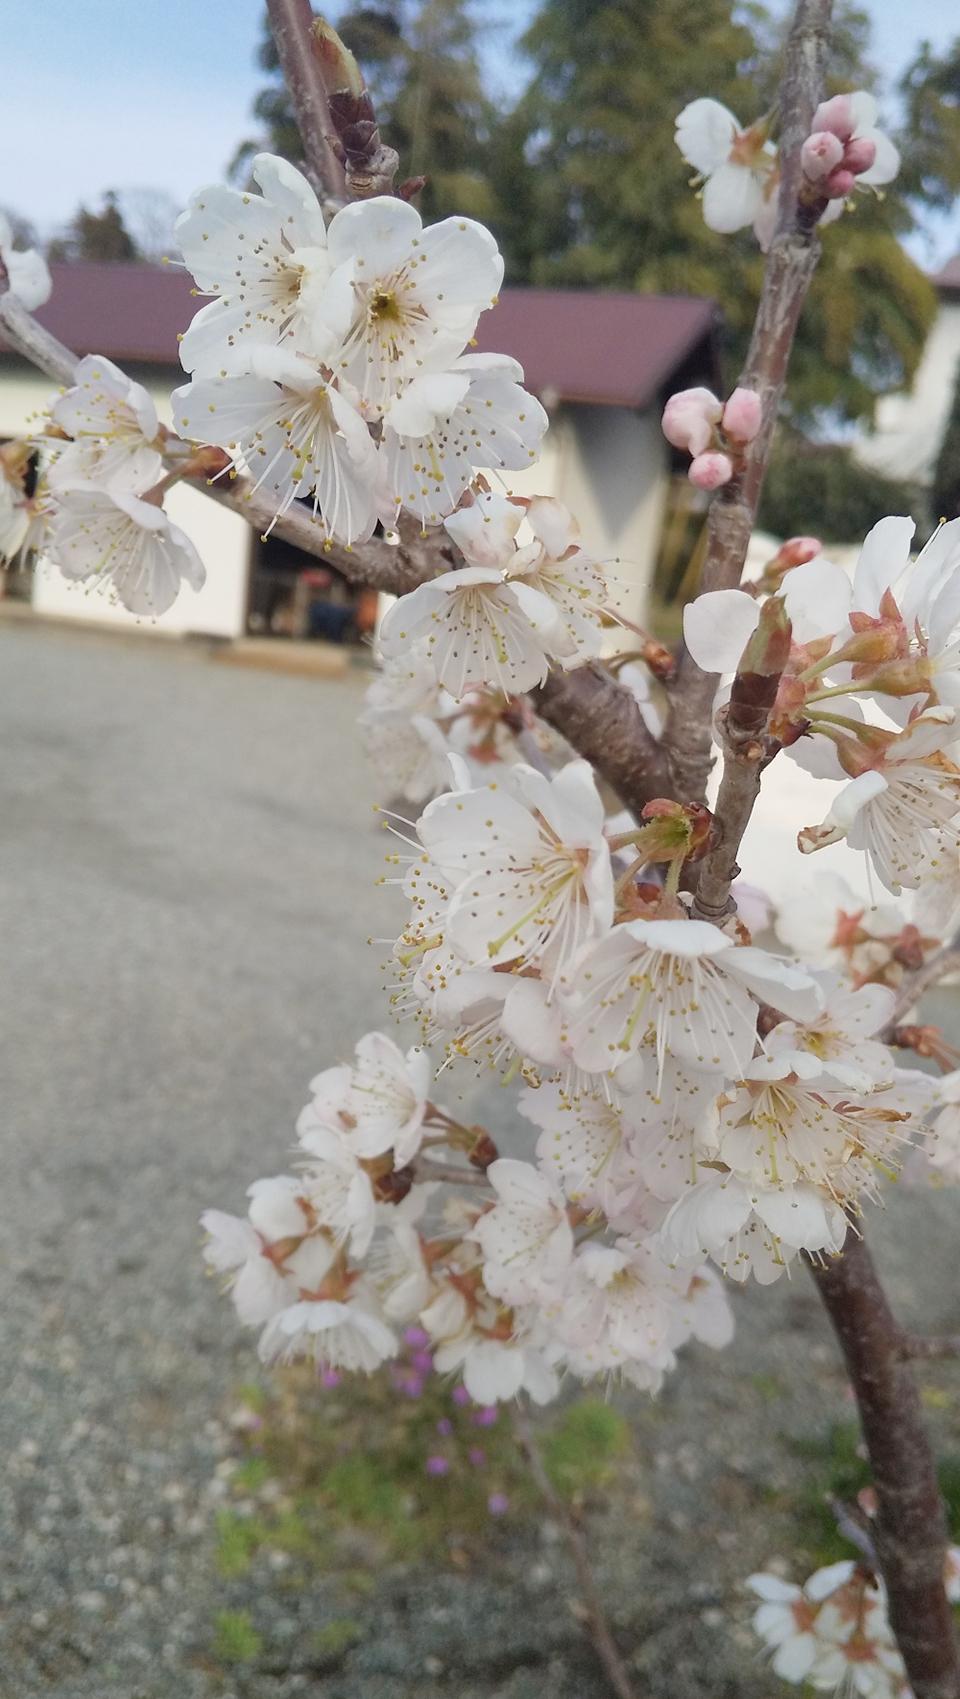 【おすすめいちごスイーツ】老舗゛紀の国屋゛の《いちご大福》と《桜餅》で春を味わう:*_8